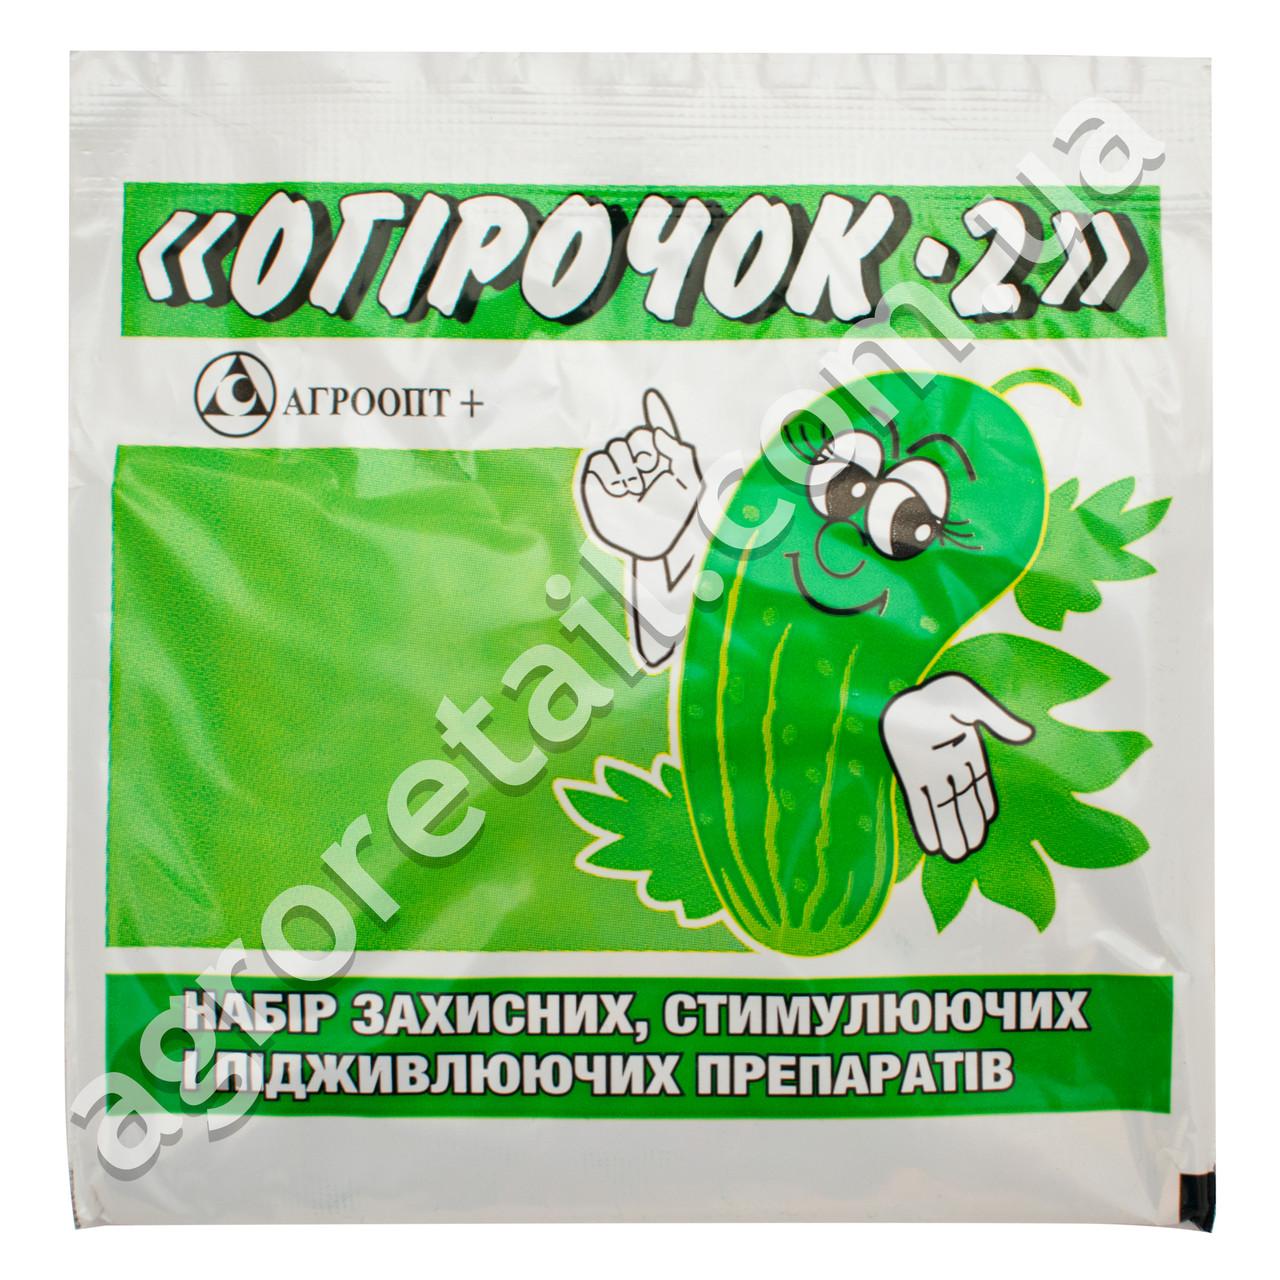 Набор защитных, стимулирующих и подпитывающих препаратов Огірочок-2